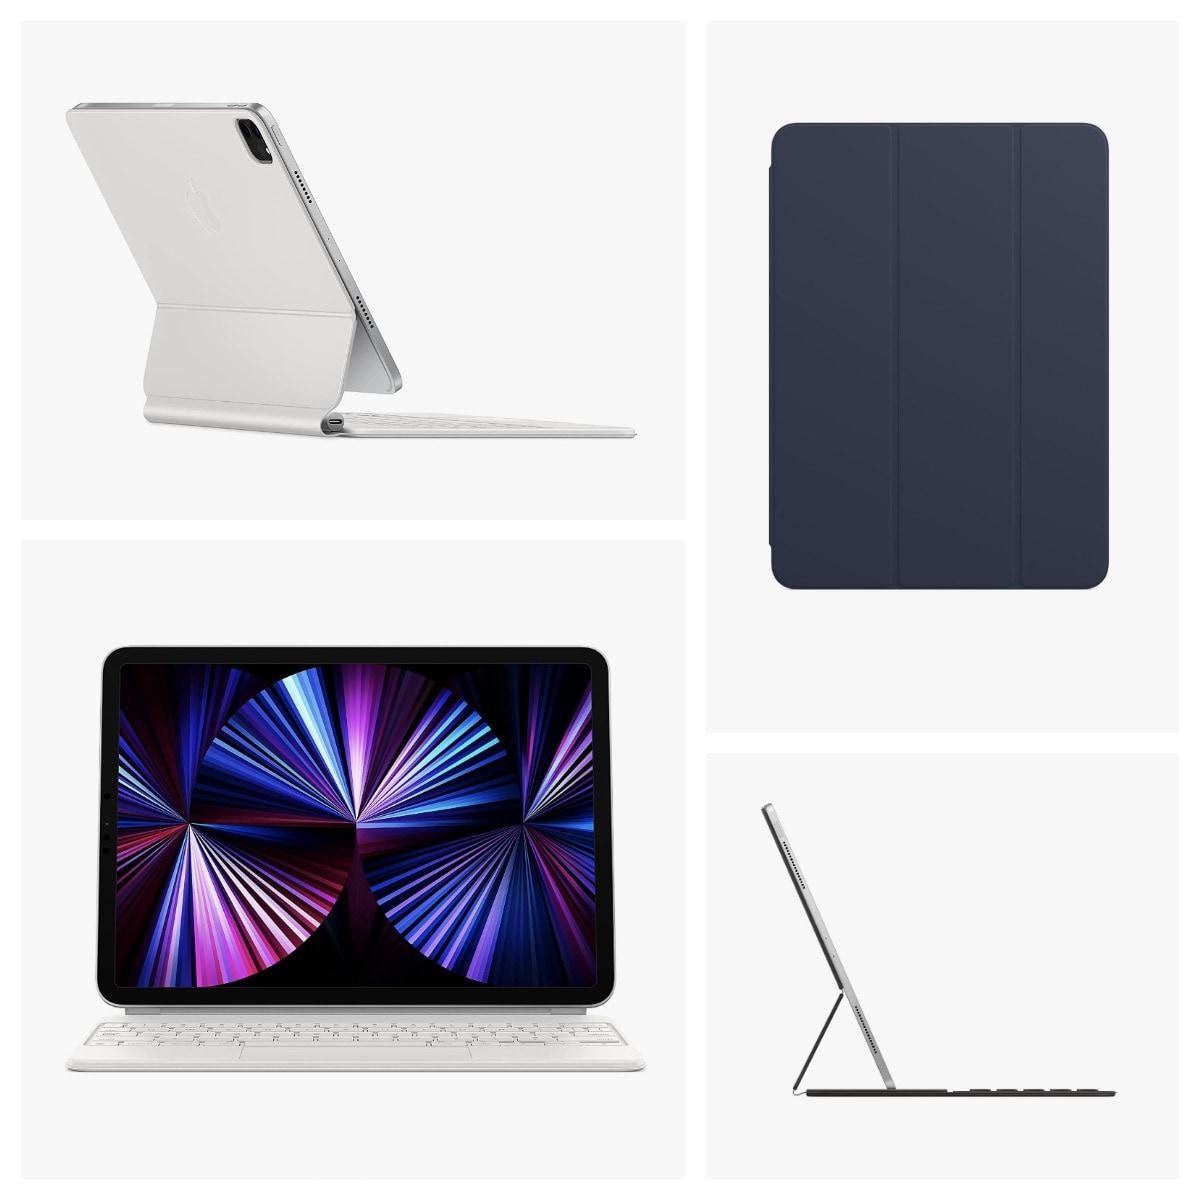 iPad Pro 12.9 case compatibility warning